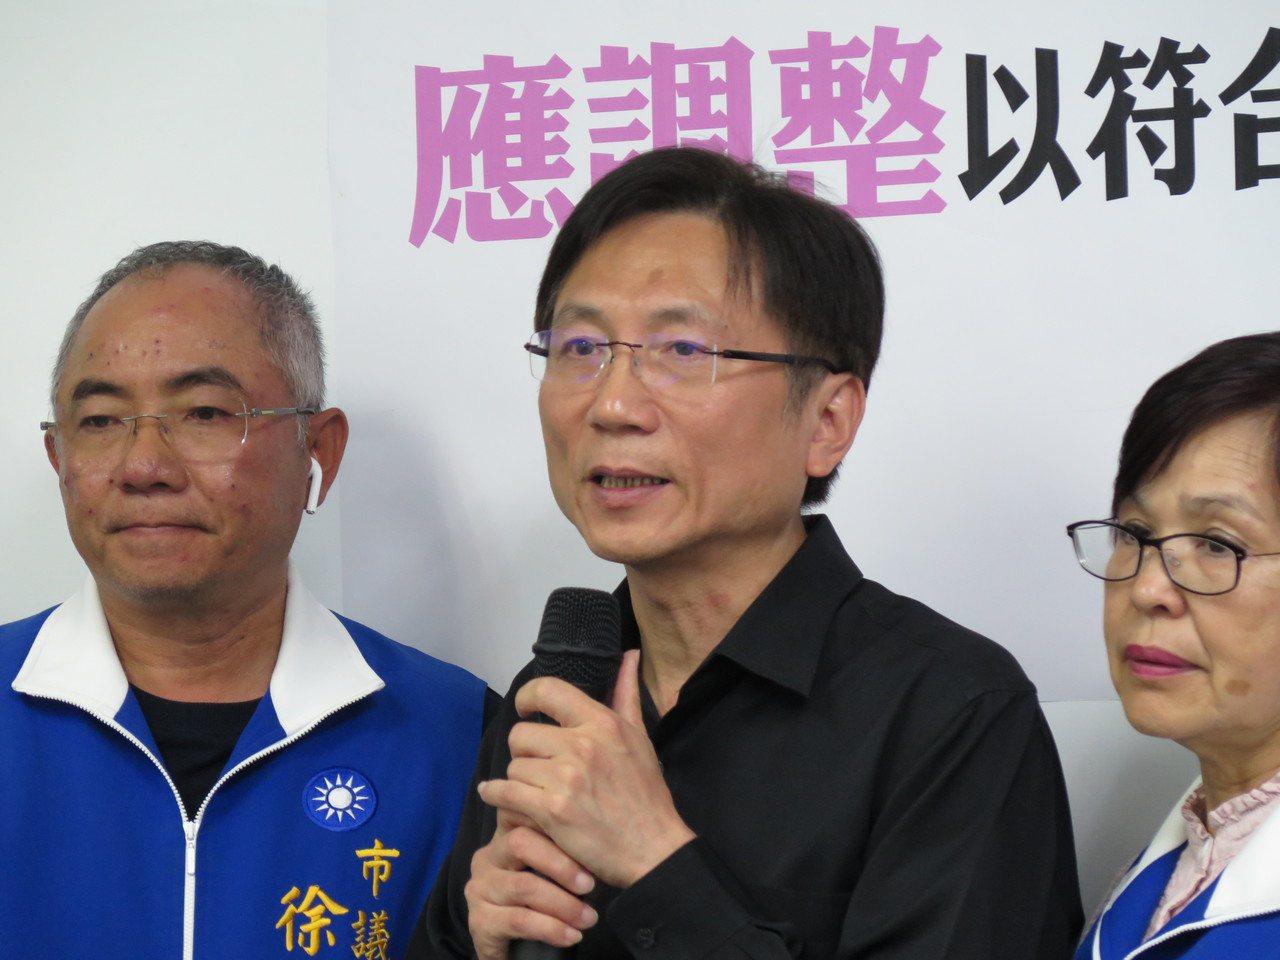 市議員詹江村(中)說不滿不分區名單人選,今天表示將參選第一選區立委。圖/本報資料...